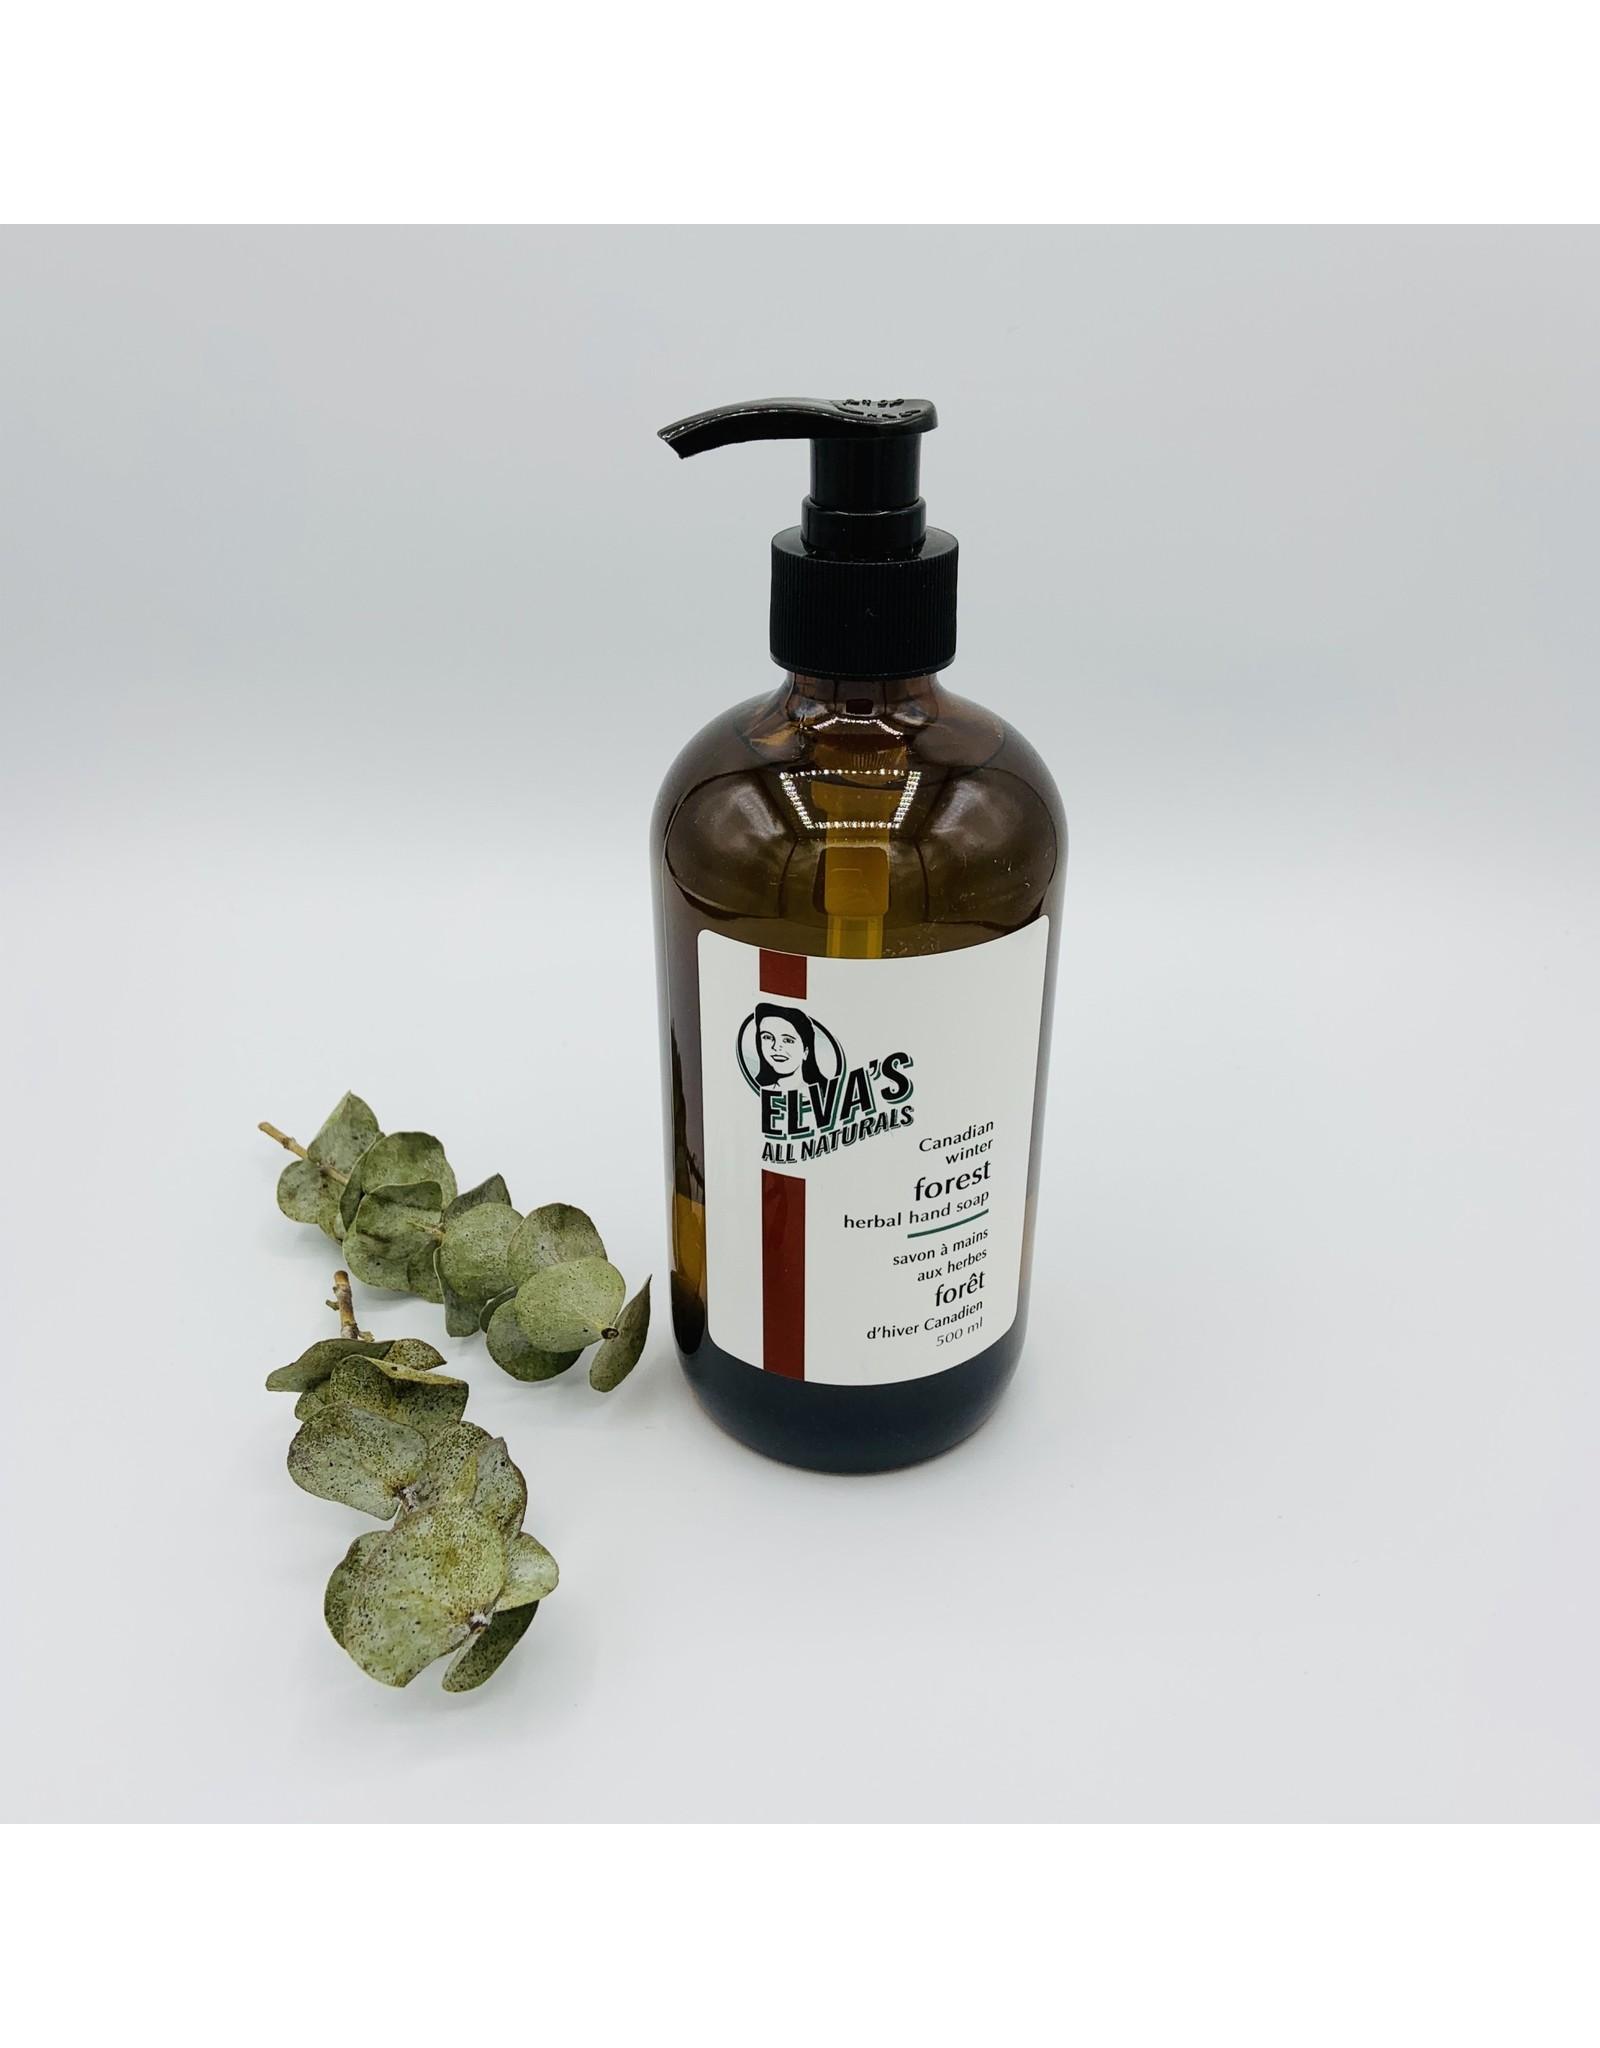 Elva's All Naturals Hand Soap by Elva's All Naturals